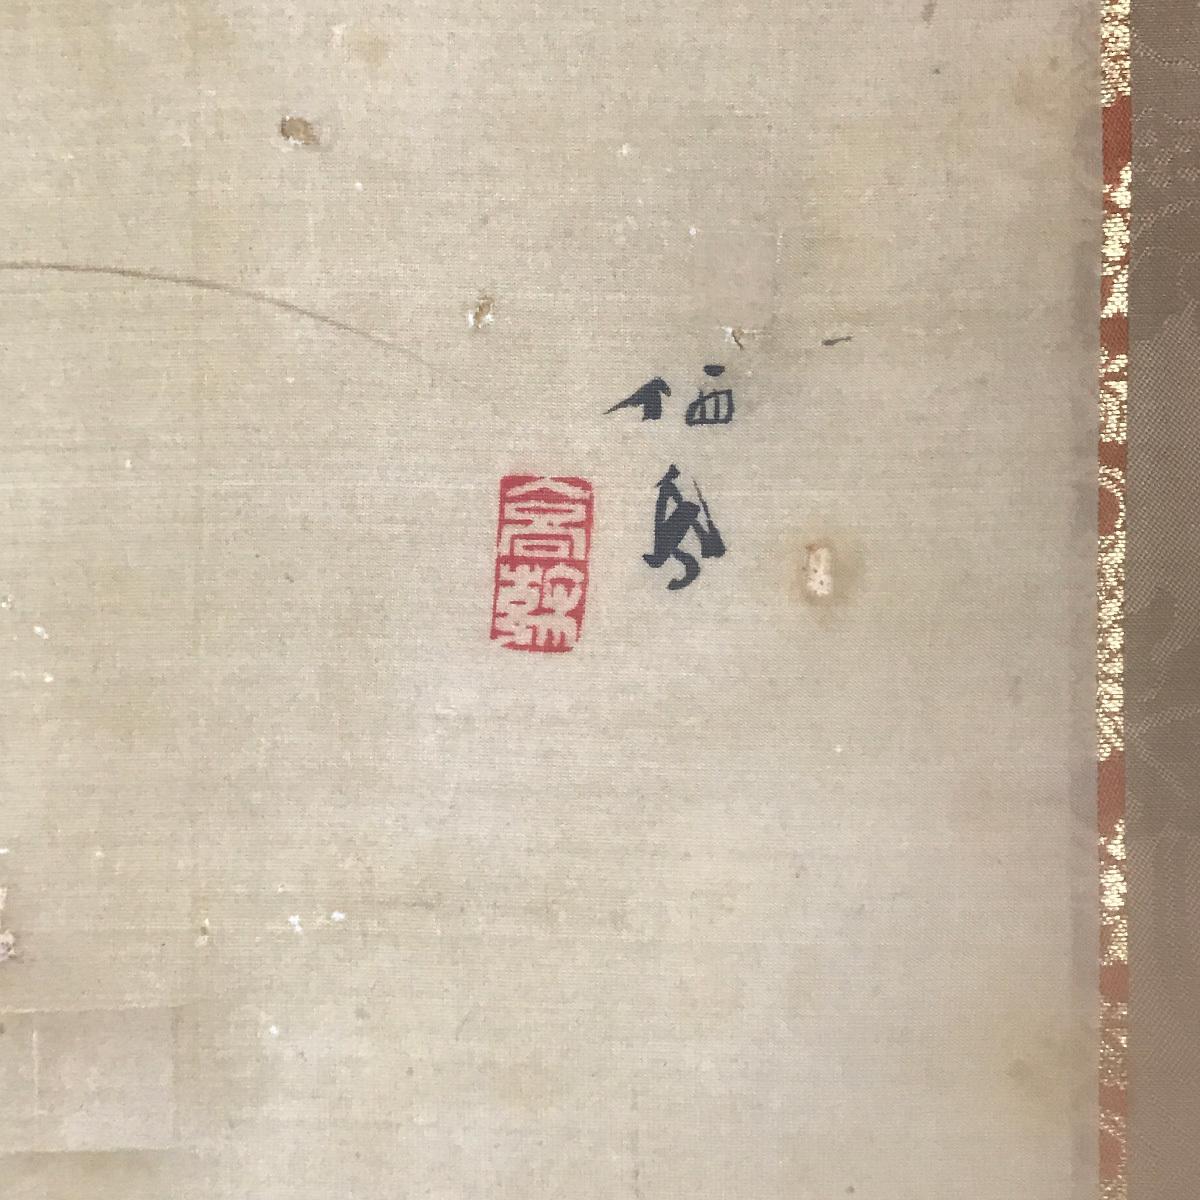 竹内栖鳳 稲穂と雀の図 竹内四郎鑑定箱 掛軸 絹本 二重箱 真贋不明 / 古画 日本画 京都 文展 文化勲章 古美術 244249_画像3